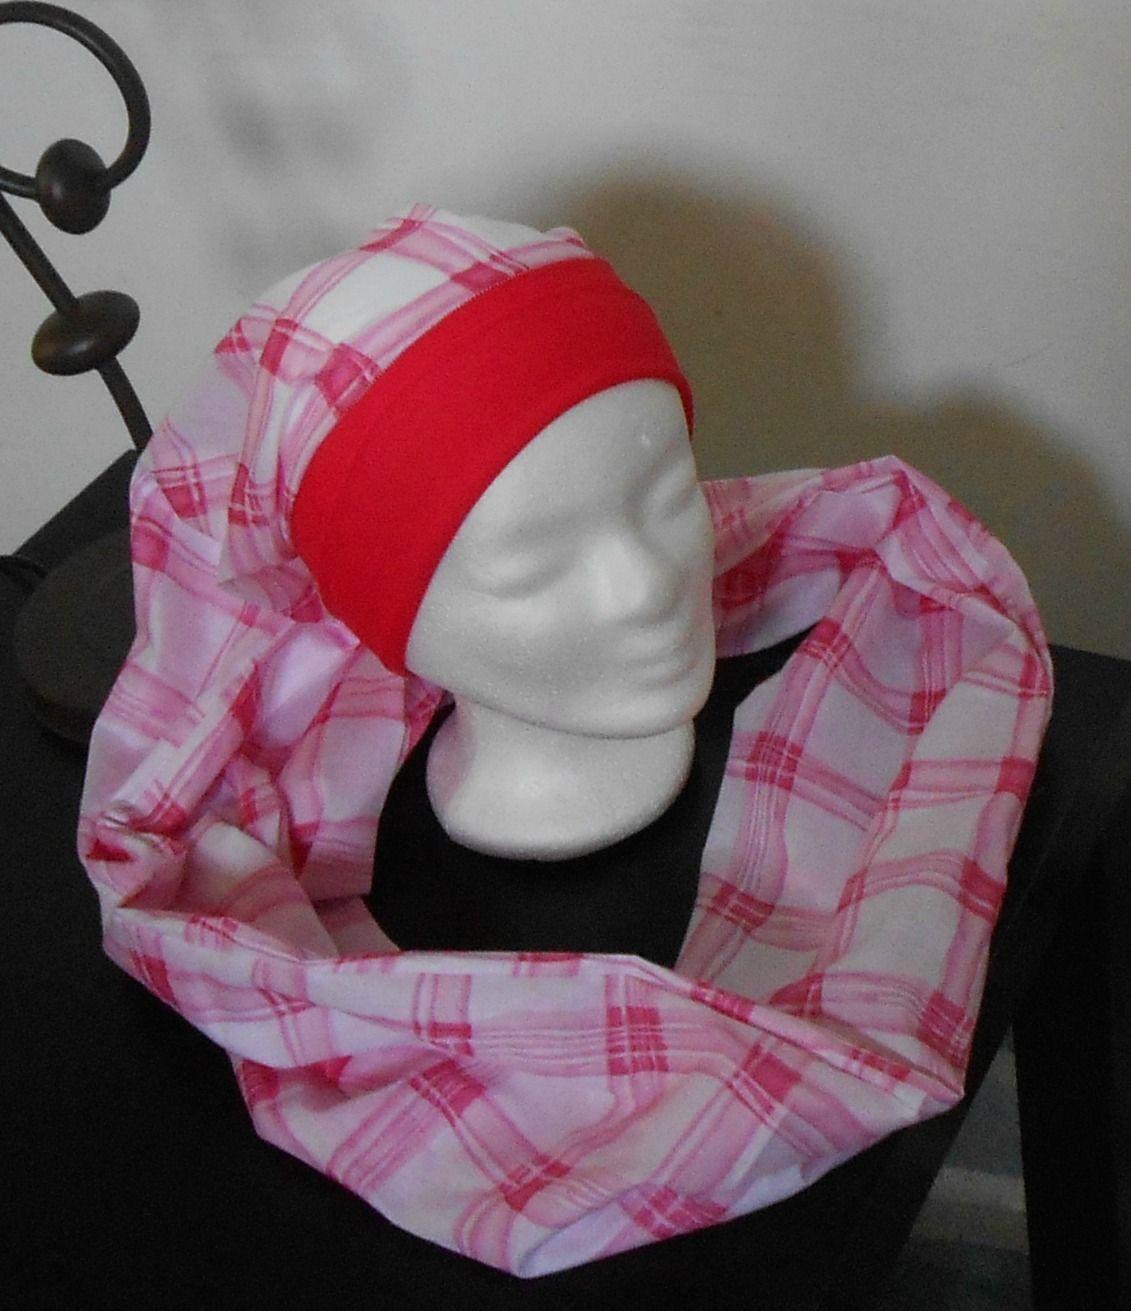 Turban Sésame à nouer, enrouler- Foulard - Bonnet - chapeau - bandeau chimio  blanc quadrillé de rose à long pan enlacé   Chapeau, bonnet par msg-secret 6d820d11a3c